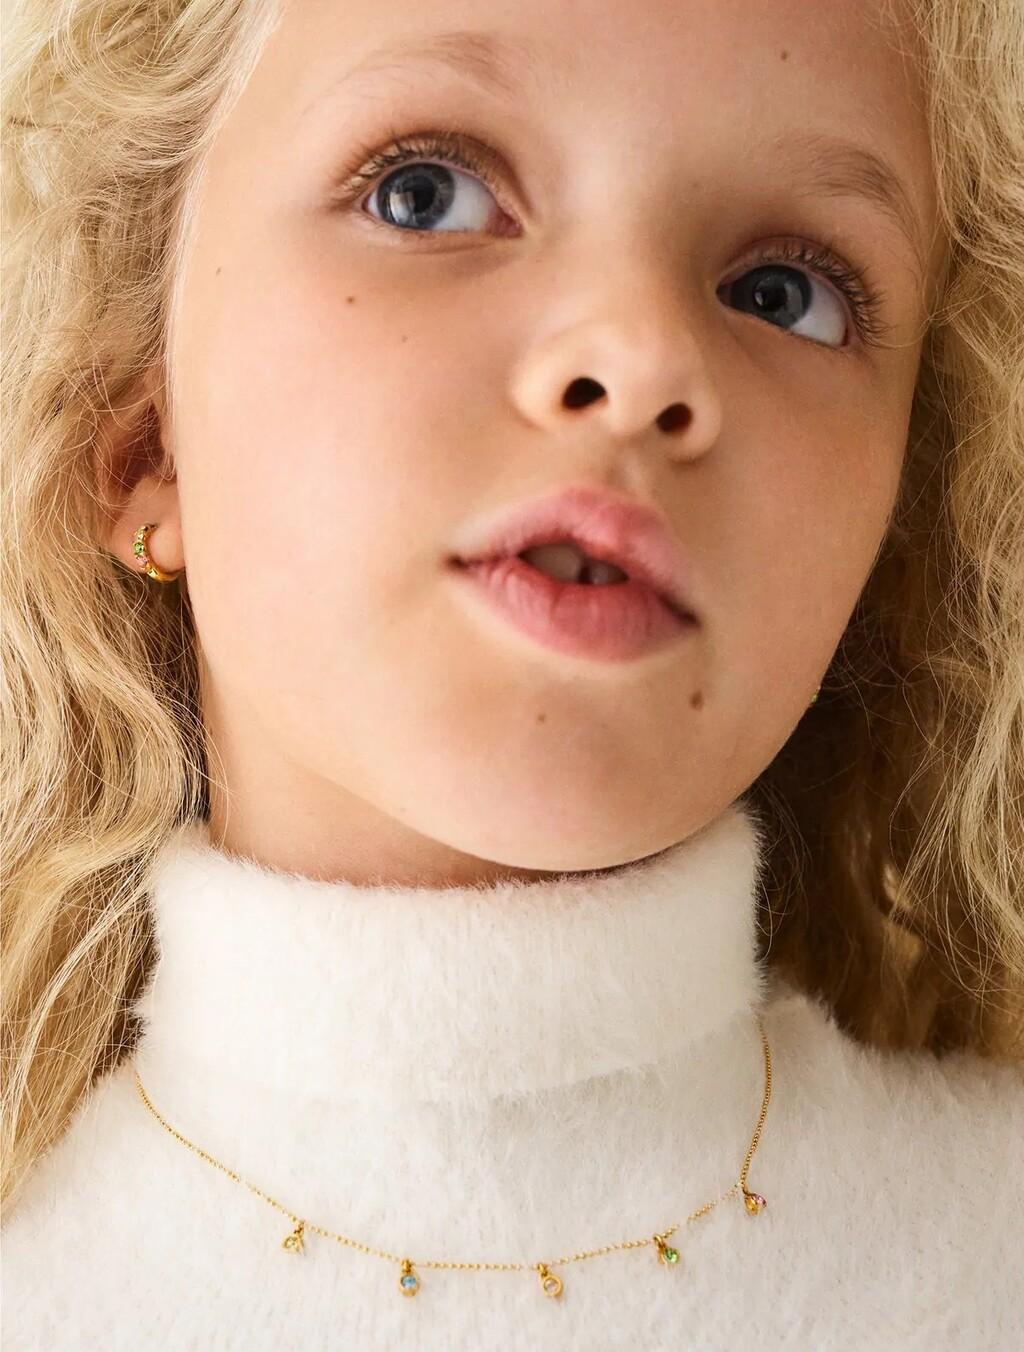 Zara Kids lanza su primera colección de joyas en edición limitada y chapadas en oro que triunfan entre el público femenino